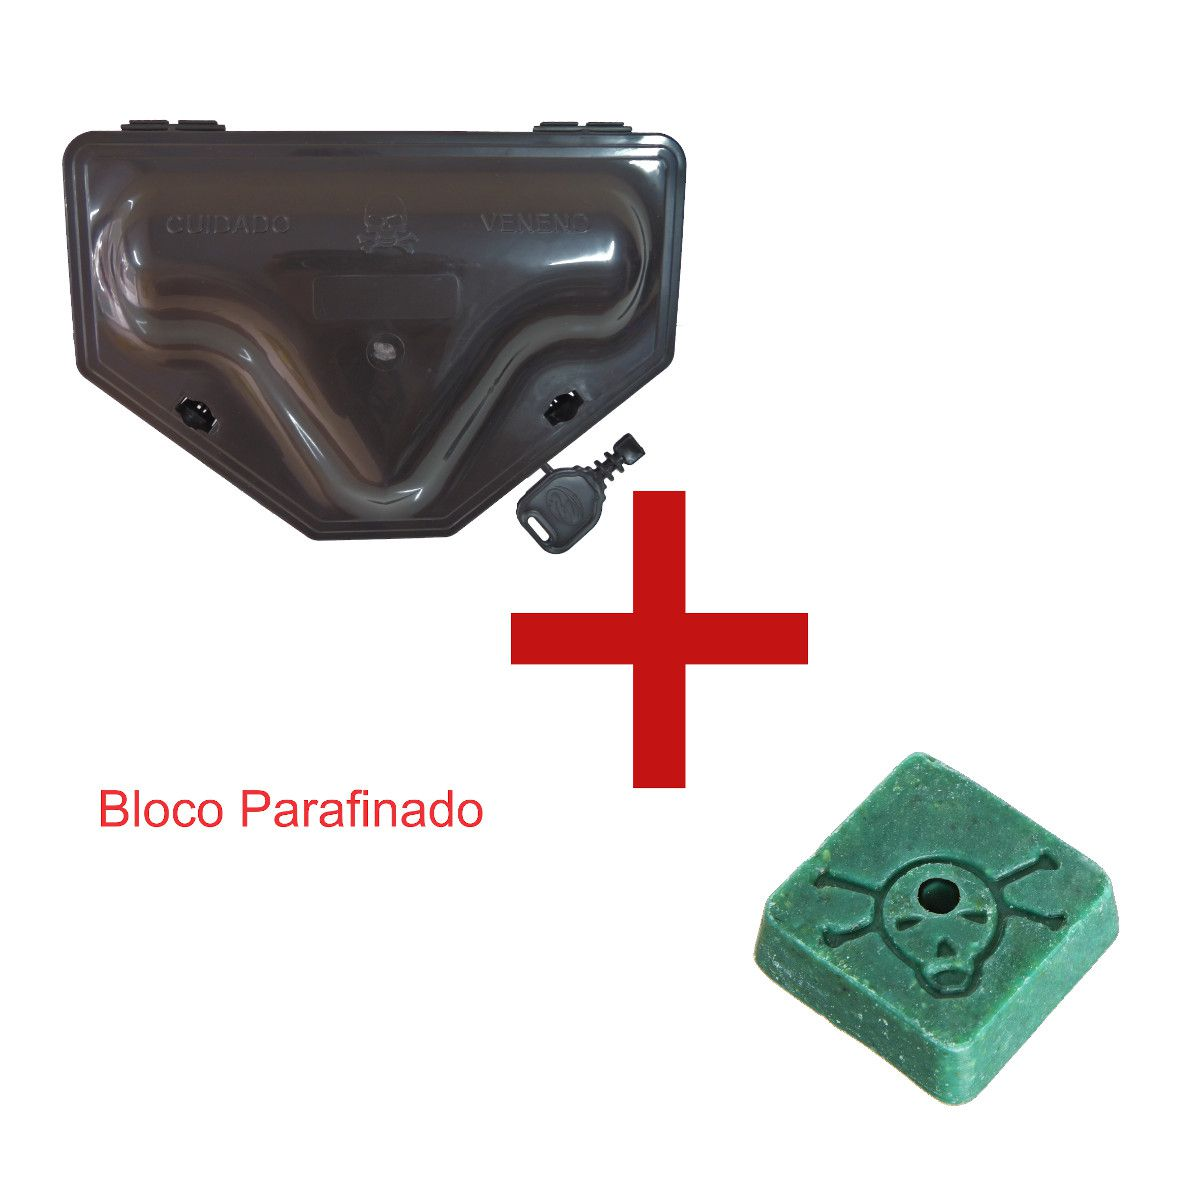 14 Porta Iscas C/ Duplo Travamento + 14 Bloco Parafinado